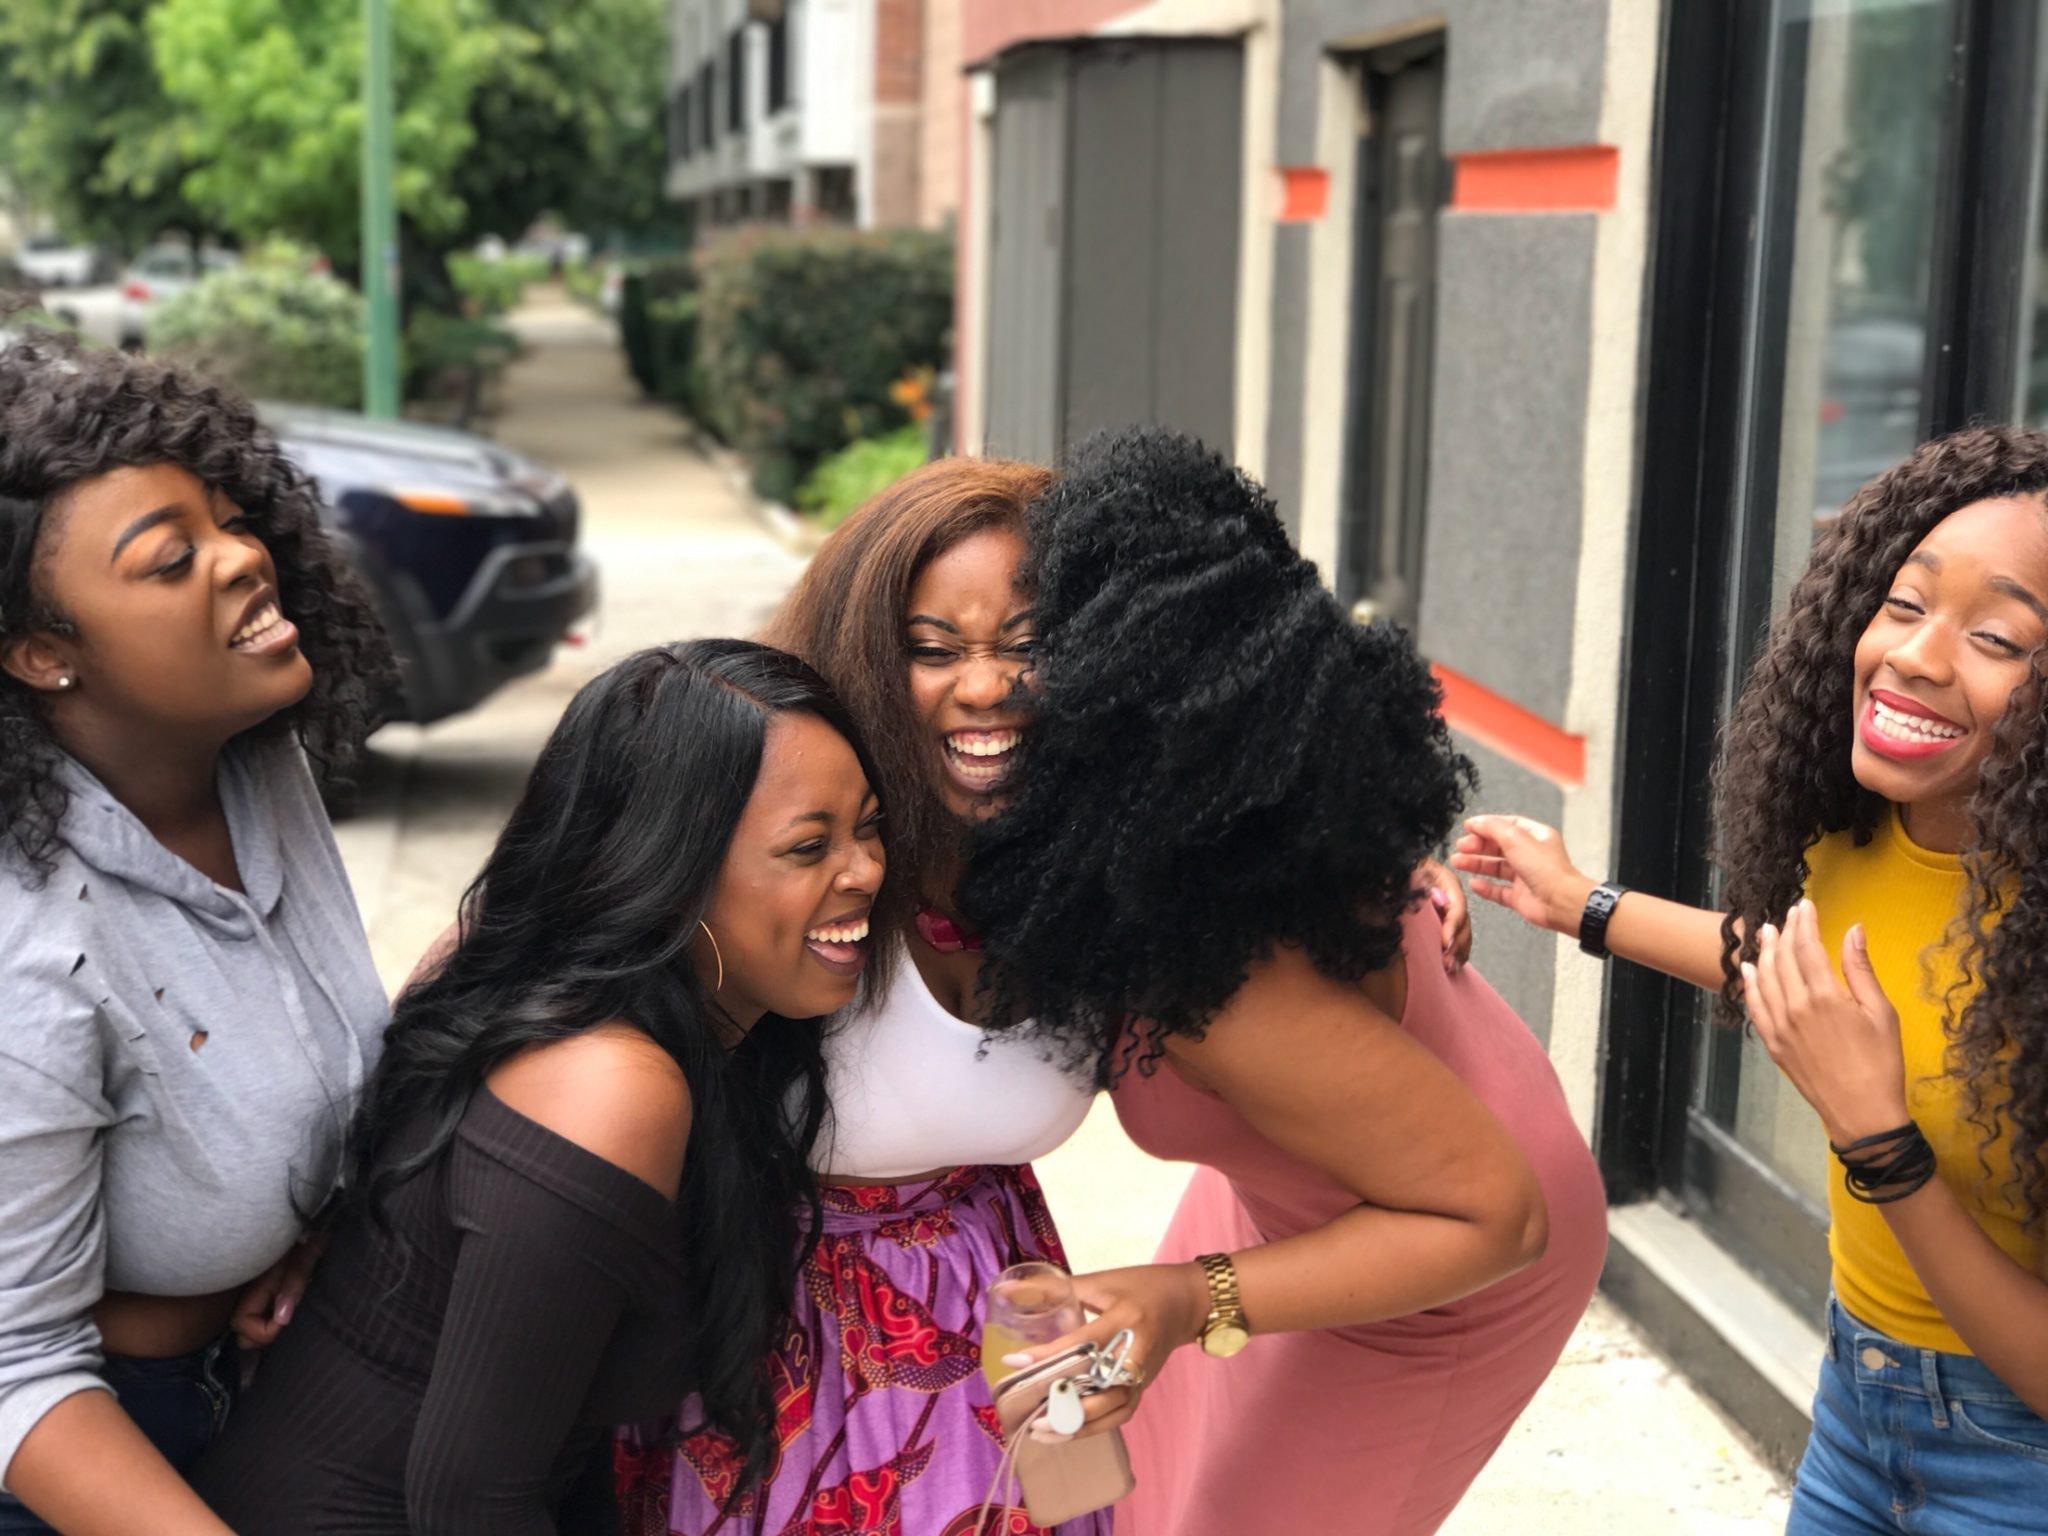 Eine Gruppe mit lachenden Frauen